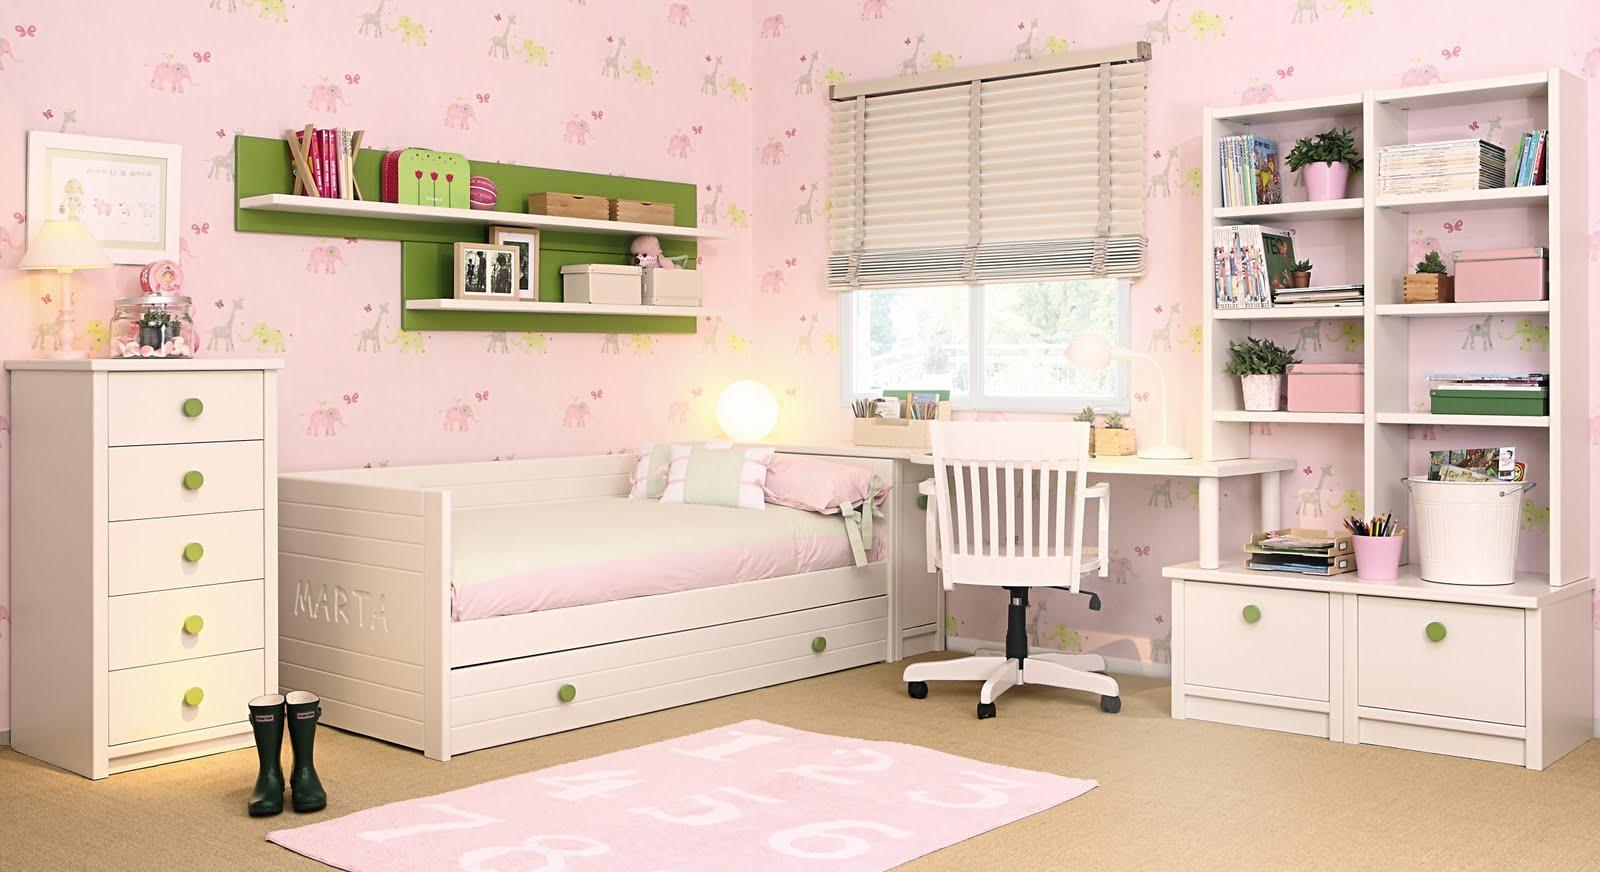 Dormitorios mediterraneo asoral - Dormitorios juveniles ...